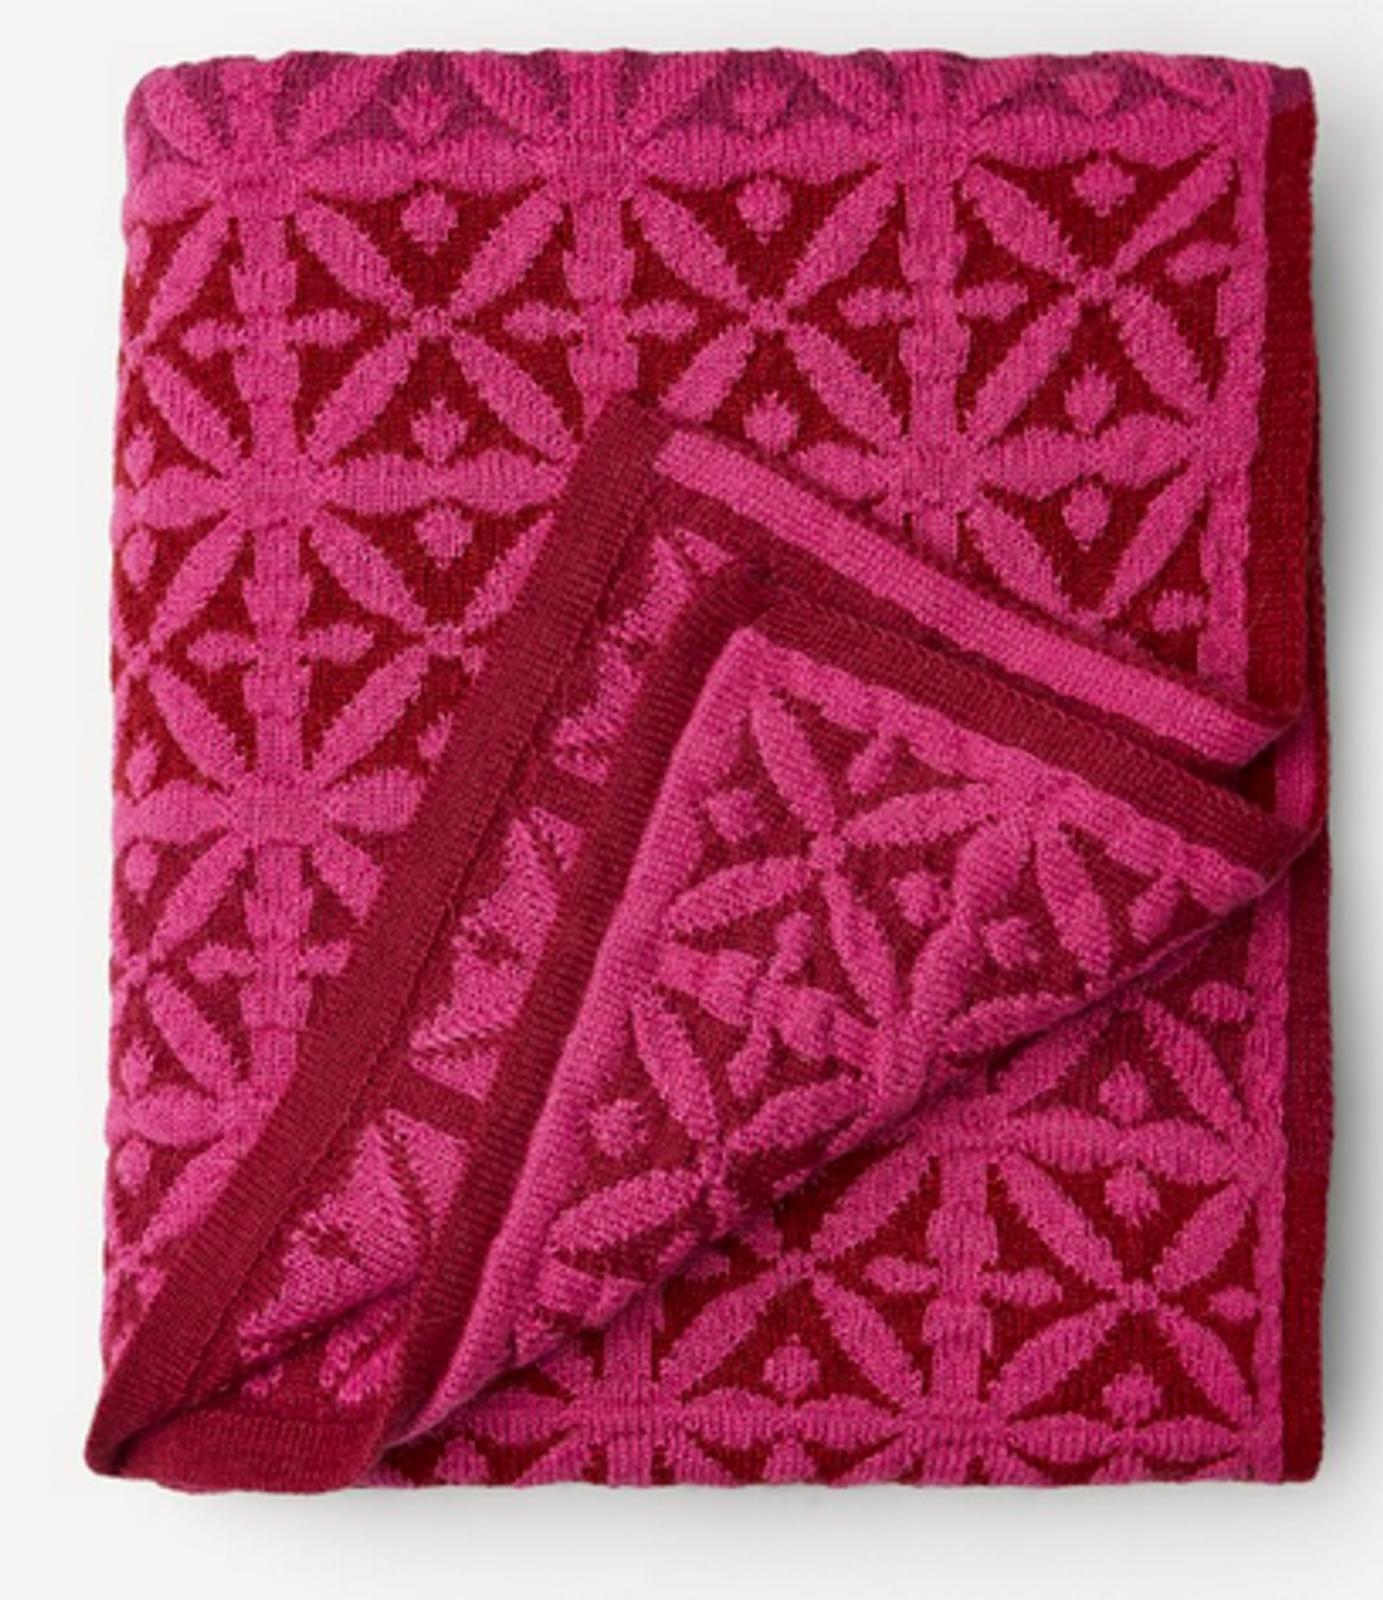 Agneta Oleana Knitted Blanket, 427K2 Cerise